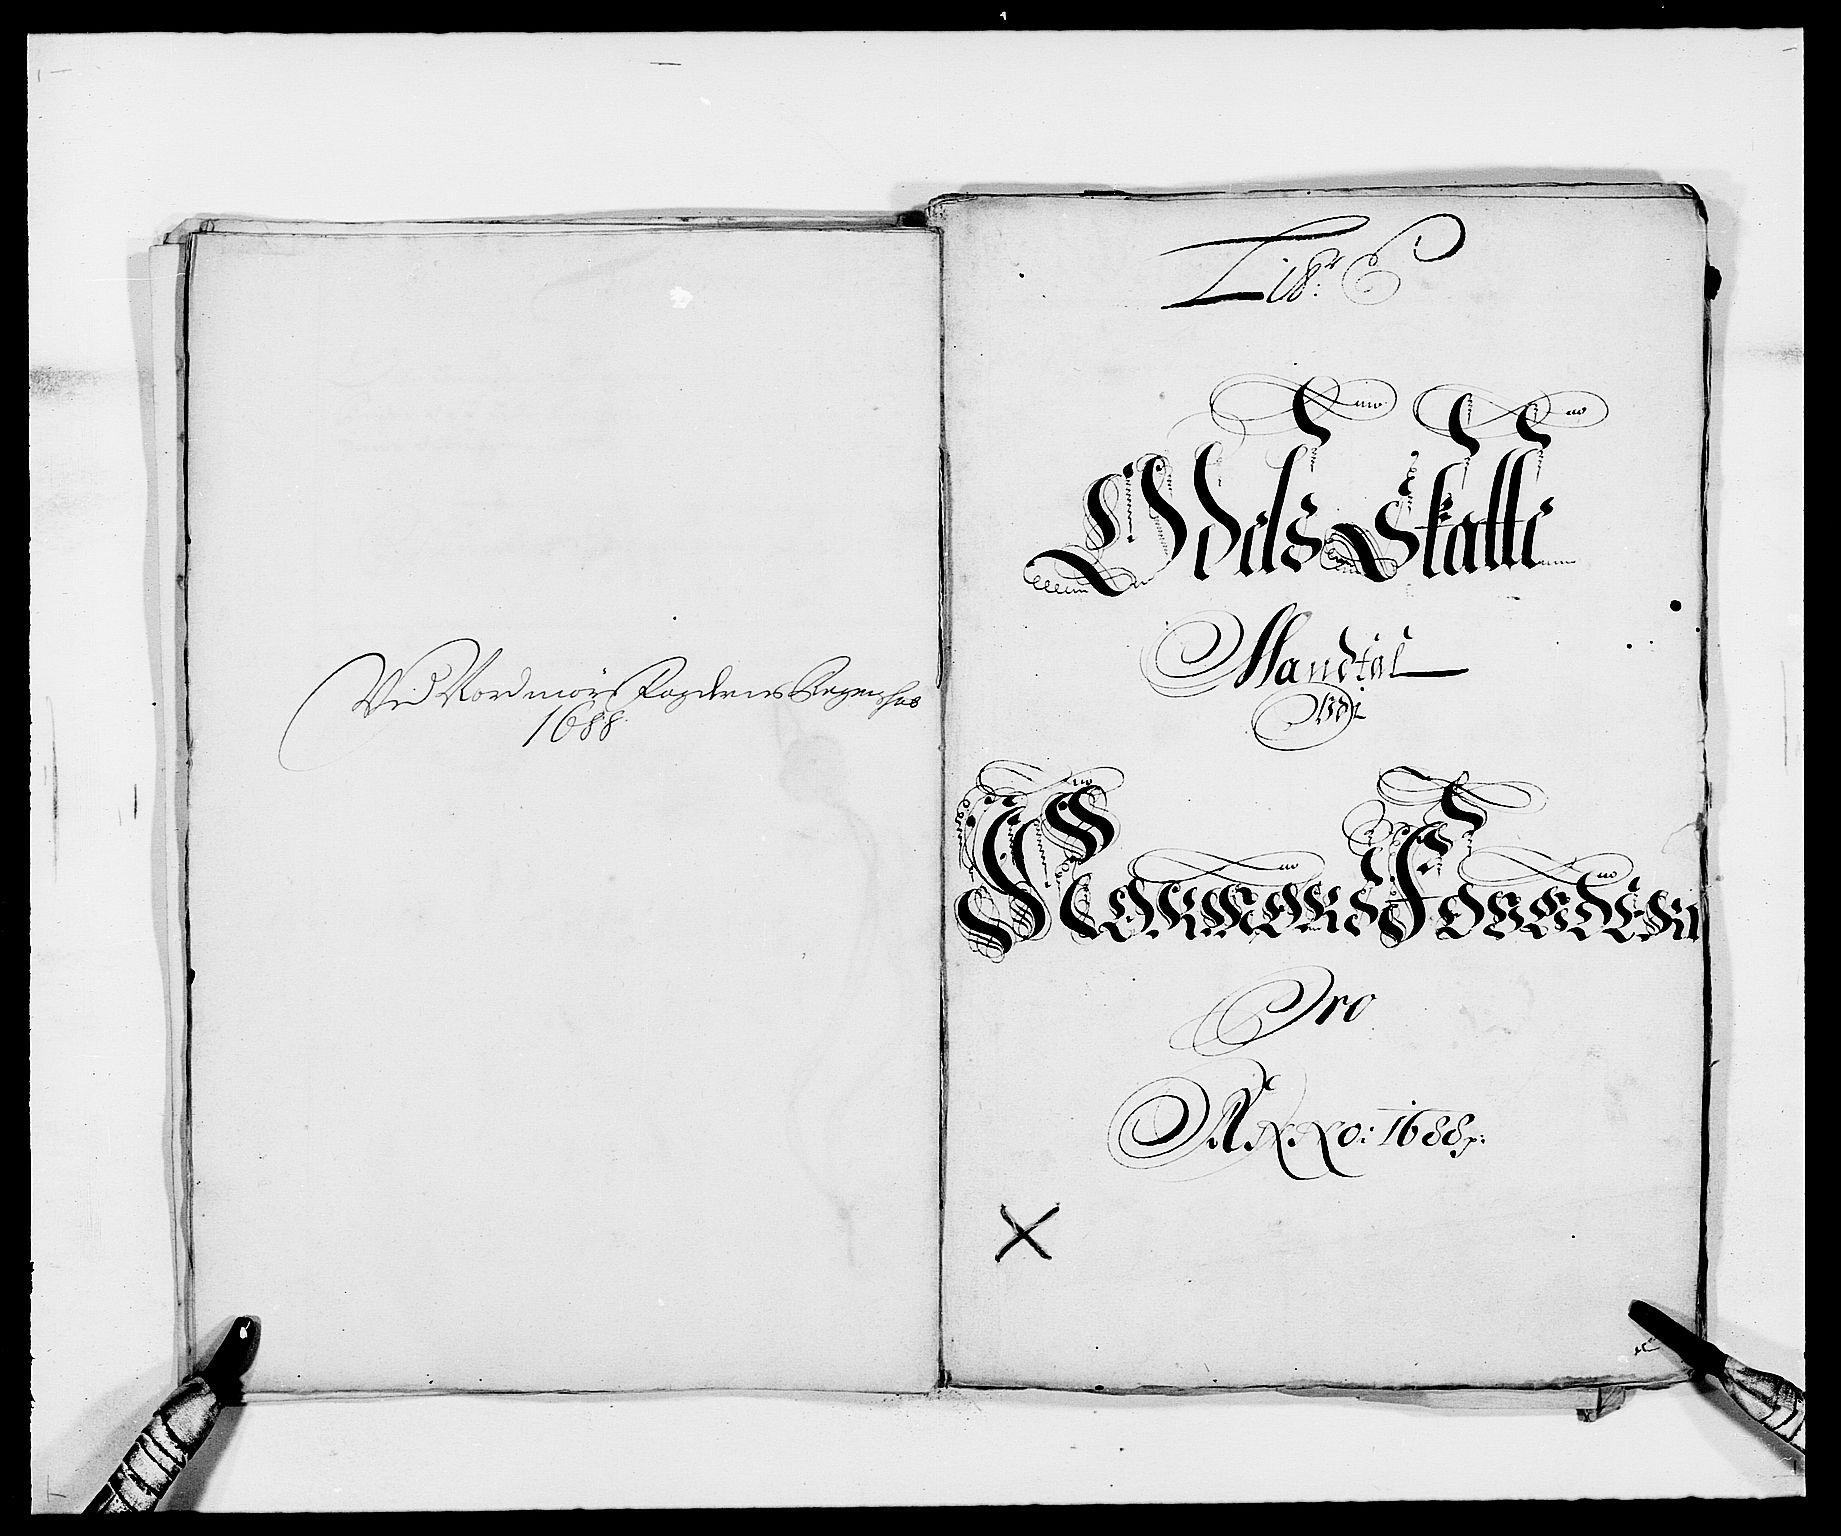 RA, Rentekammeret inntil 1814, Reviderte regnskaper, Fogderegnskap, R56/L3733: Fogderegnskap Nordmøre, 1687-1689, s. 238